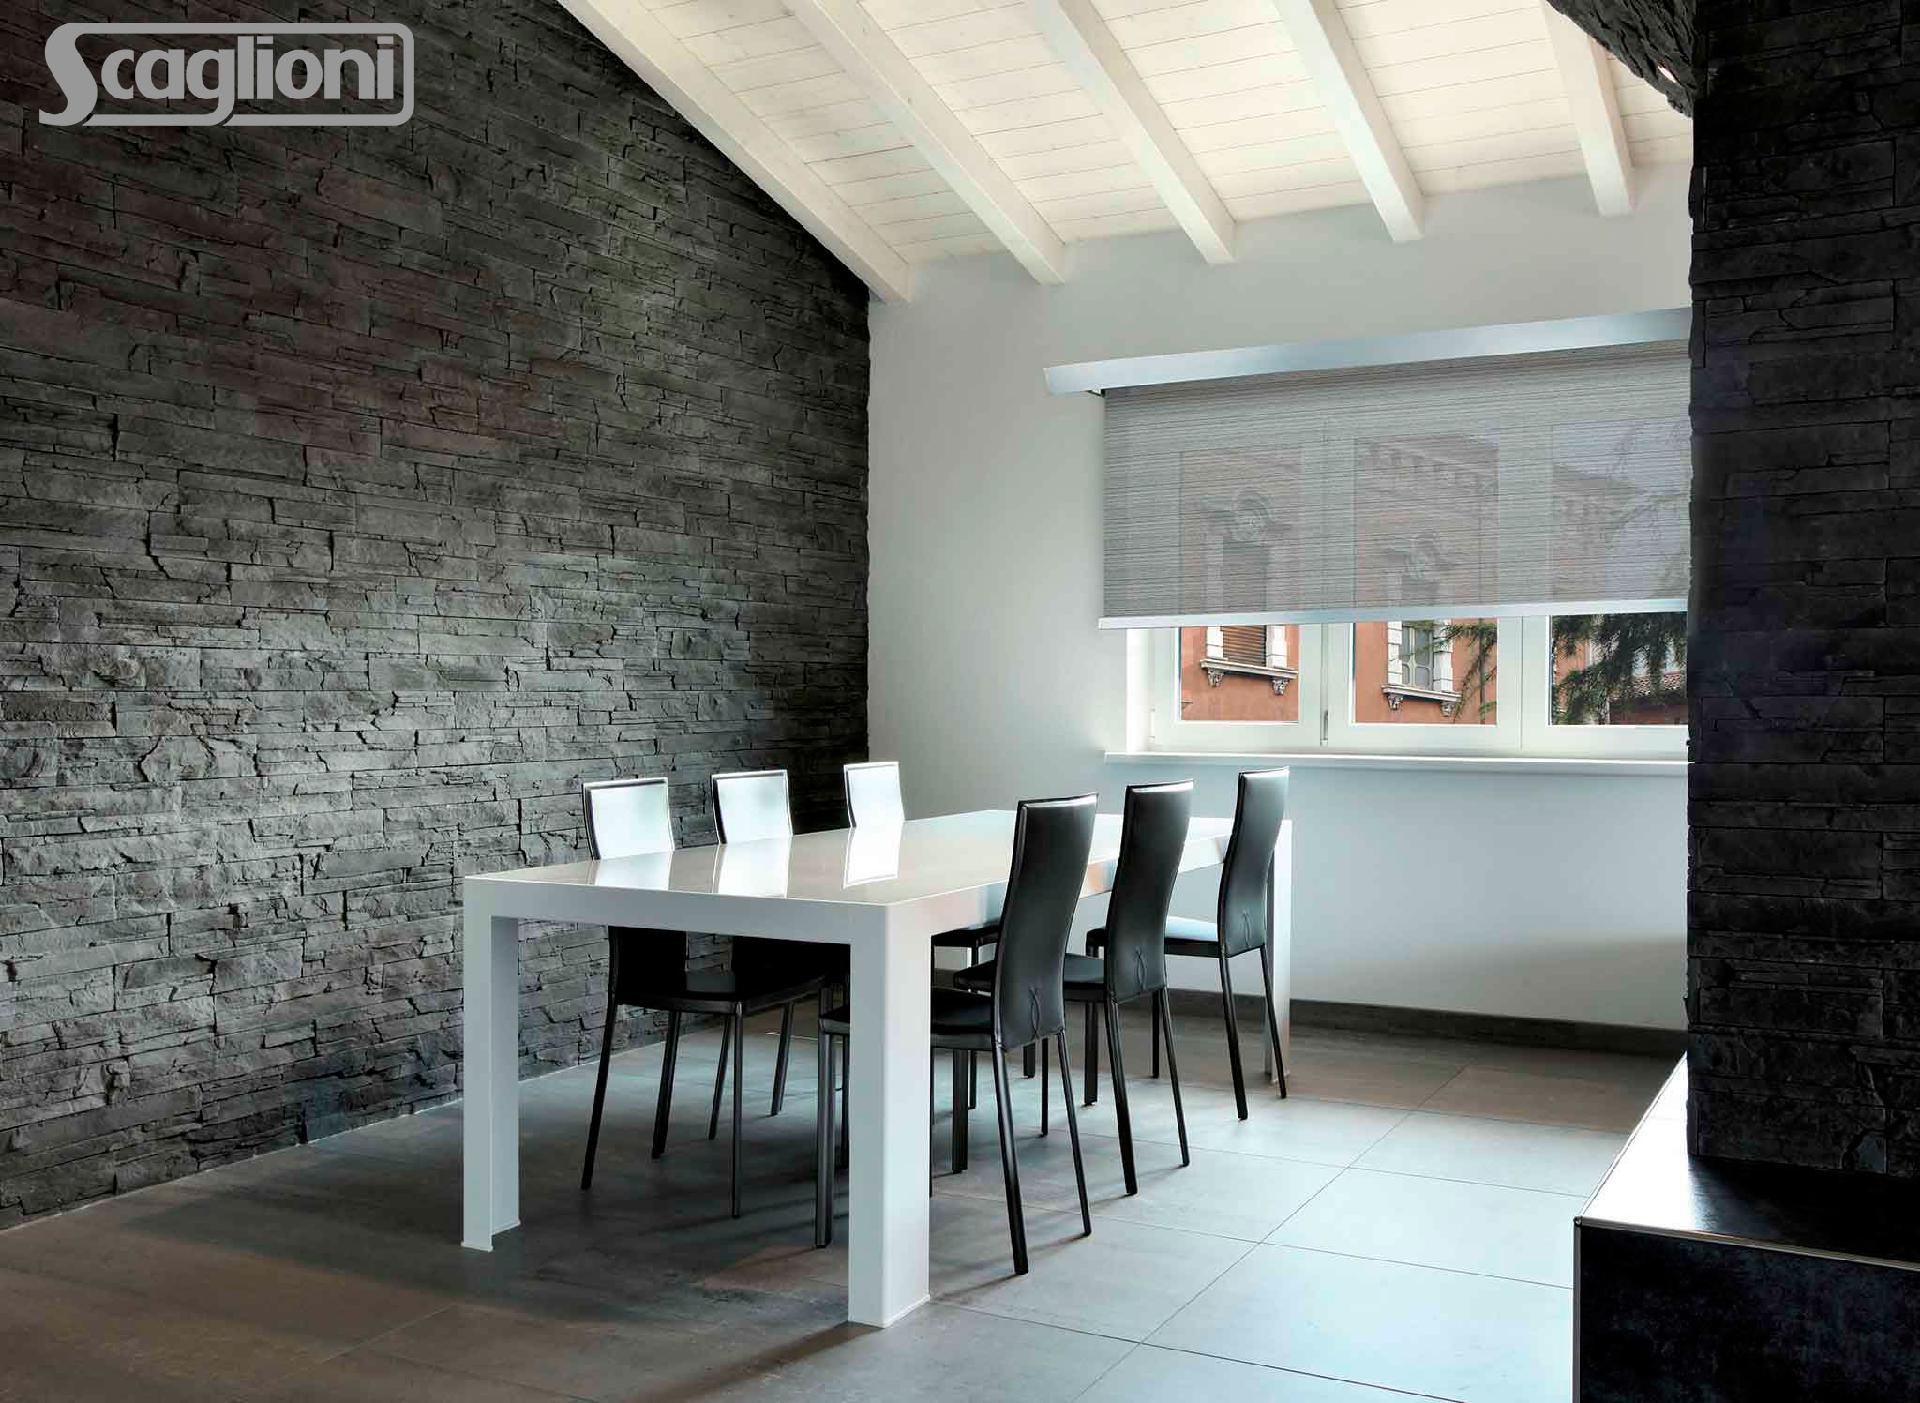 Tende a rullo scaglioni s 106 acquedolci messina for Componenti d arredo moderni